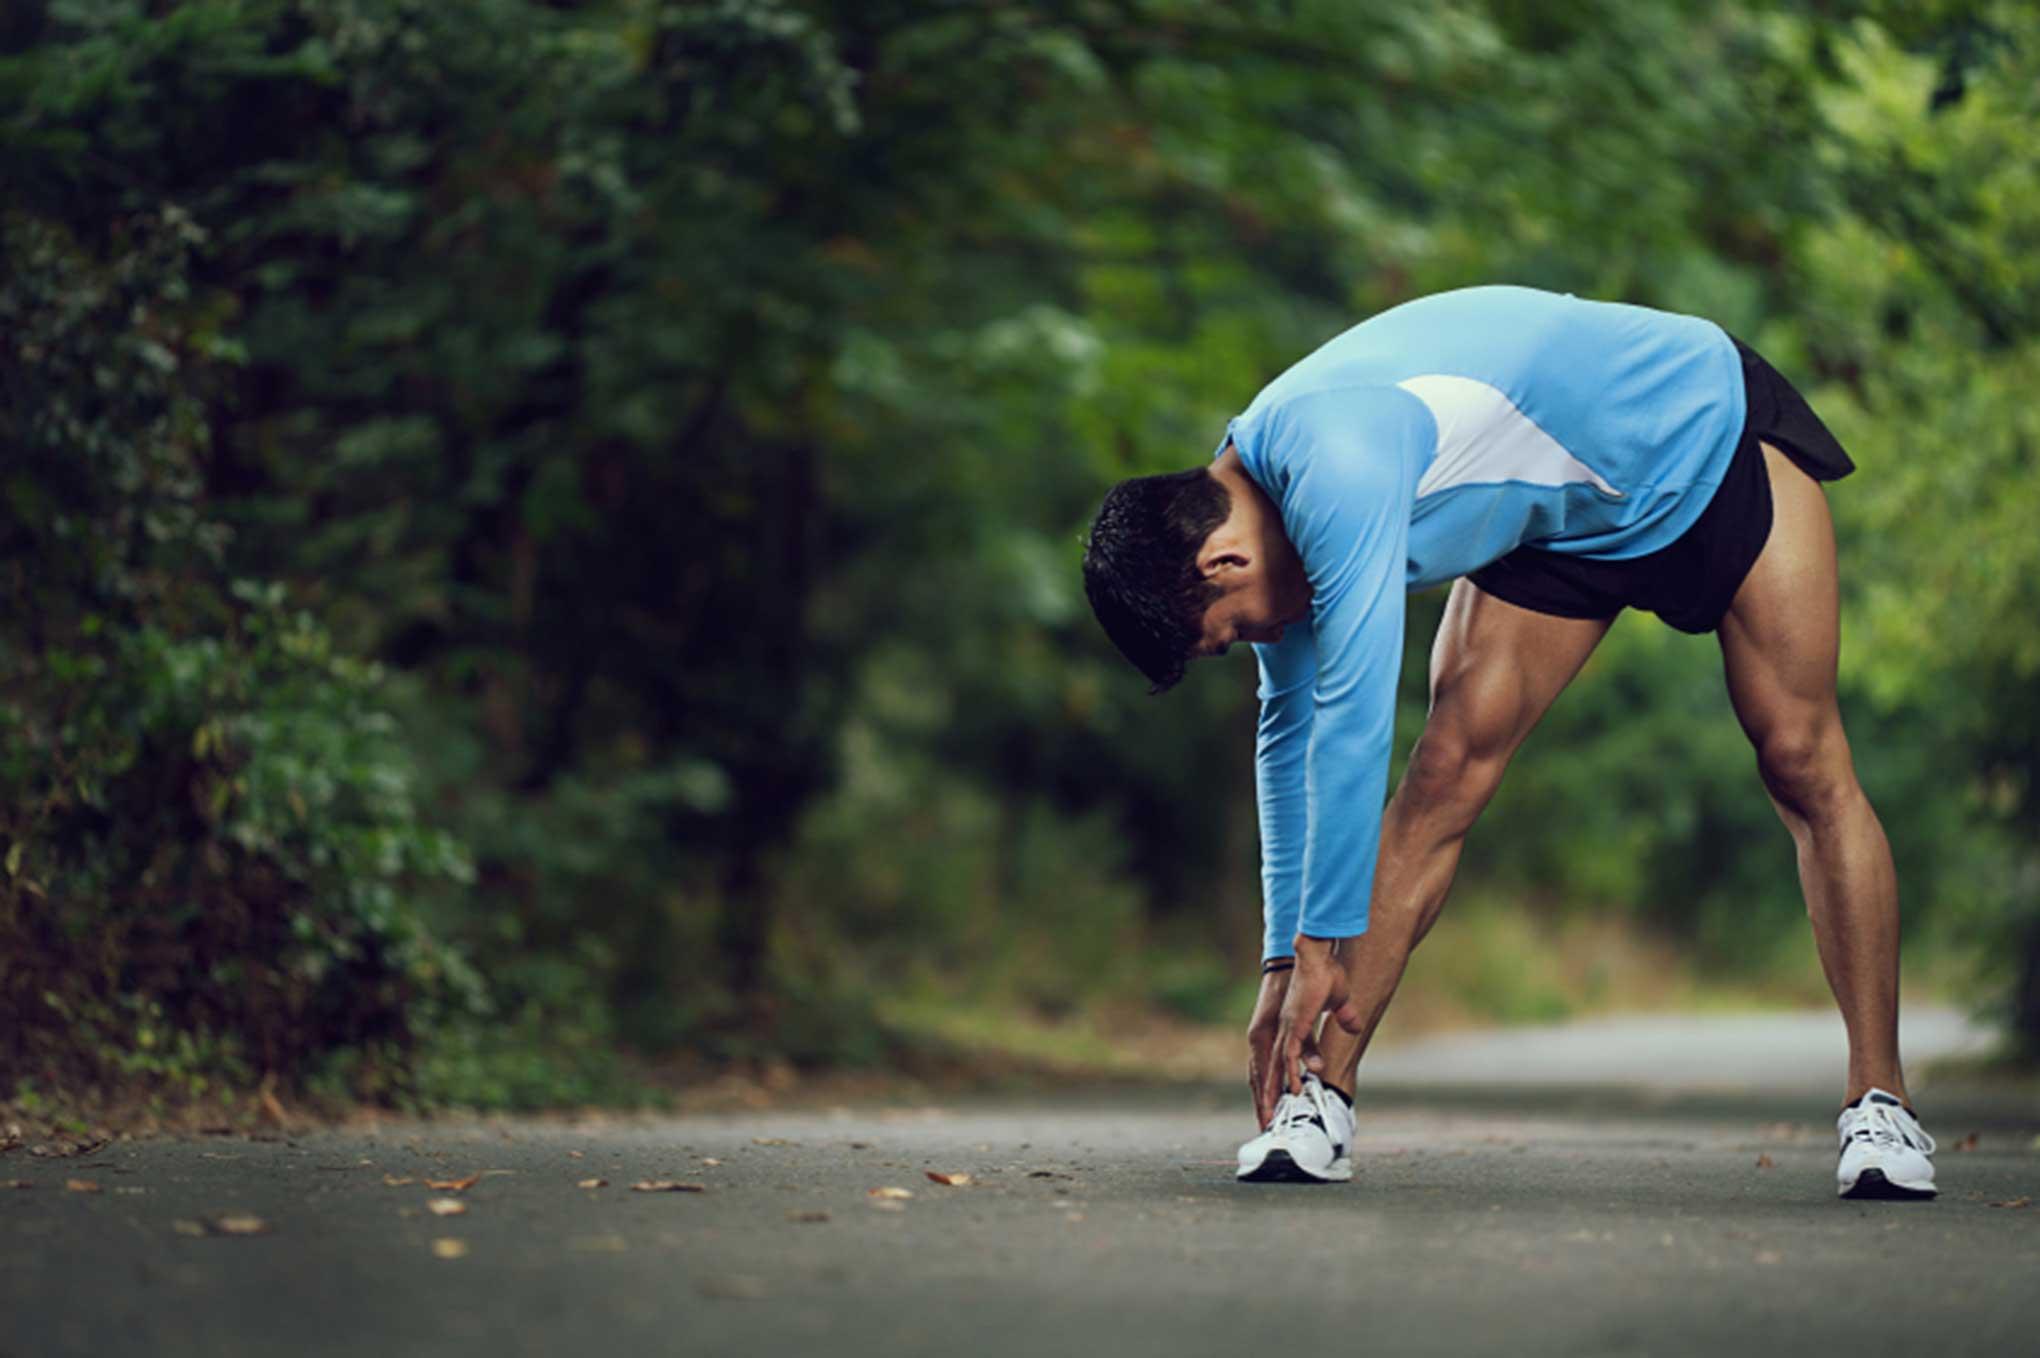 Η σταδιακή και κατάλληλη προθέρμανση είναι απαραίτητη για την πρόληψη πολλών τραυματισμών στον αθλητισμό.